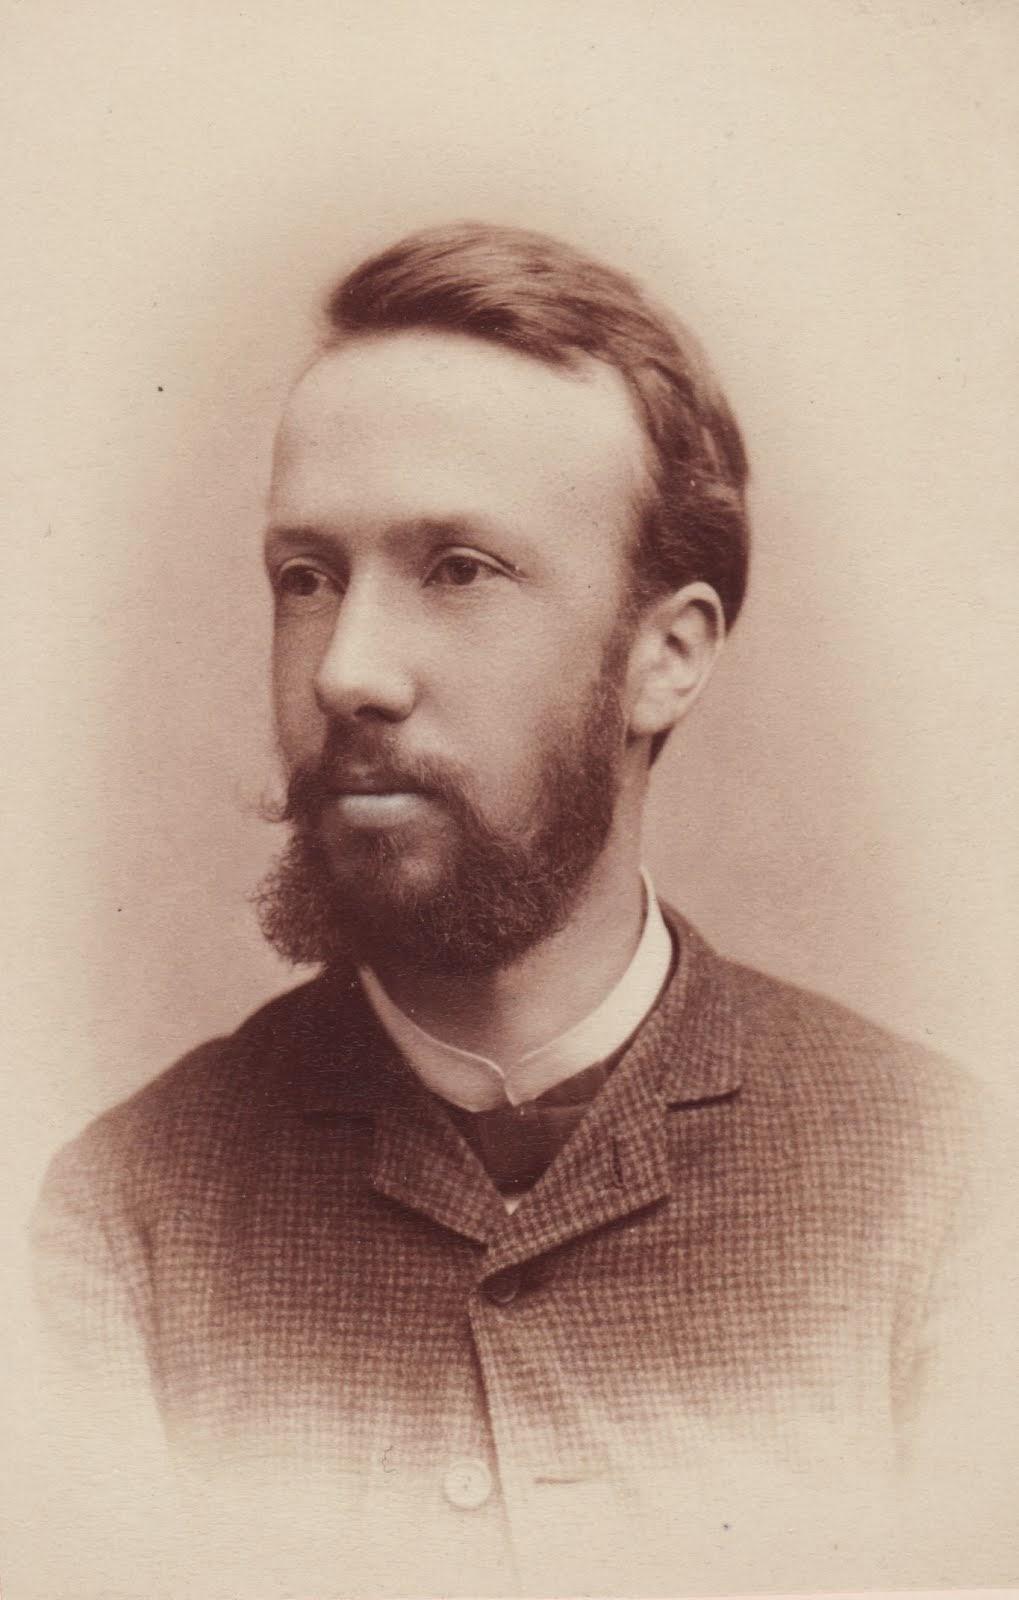 Alfred J. Bryn